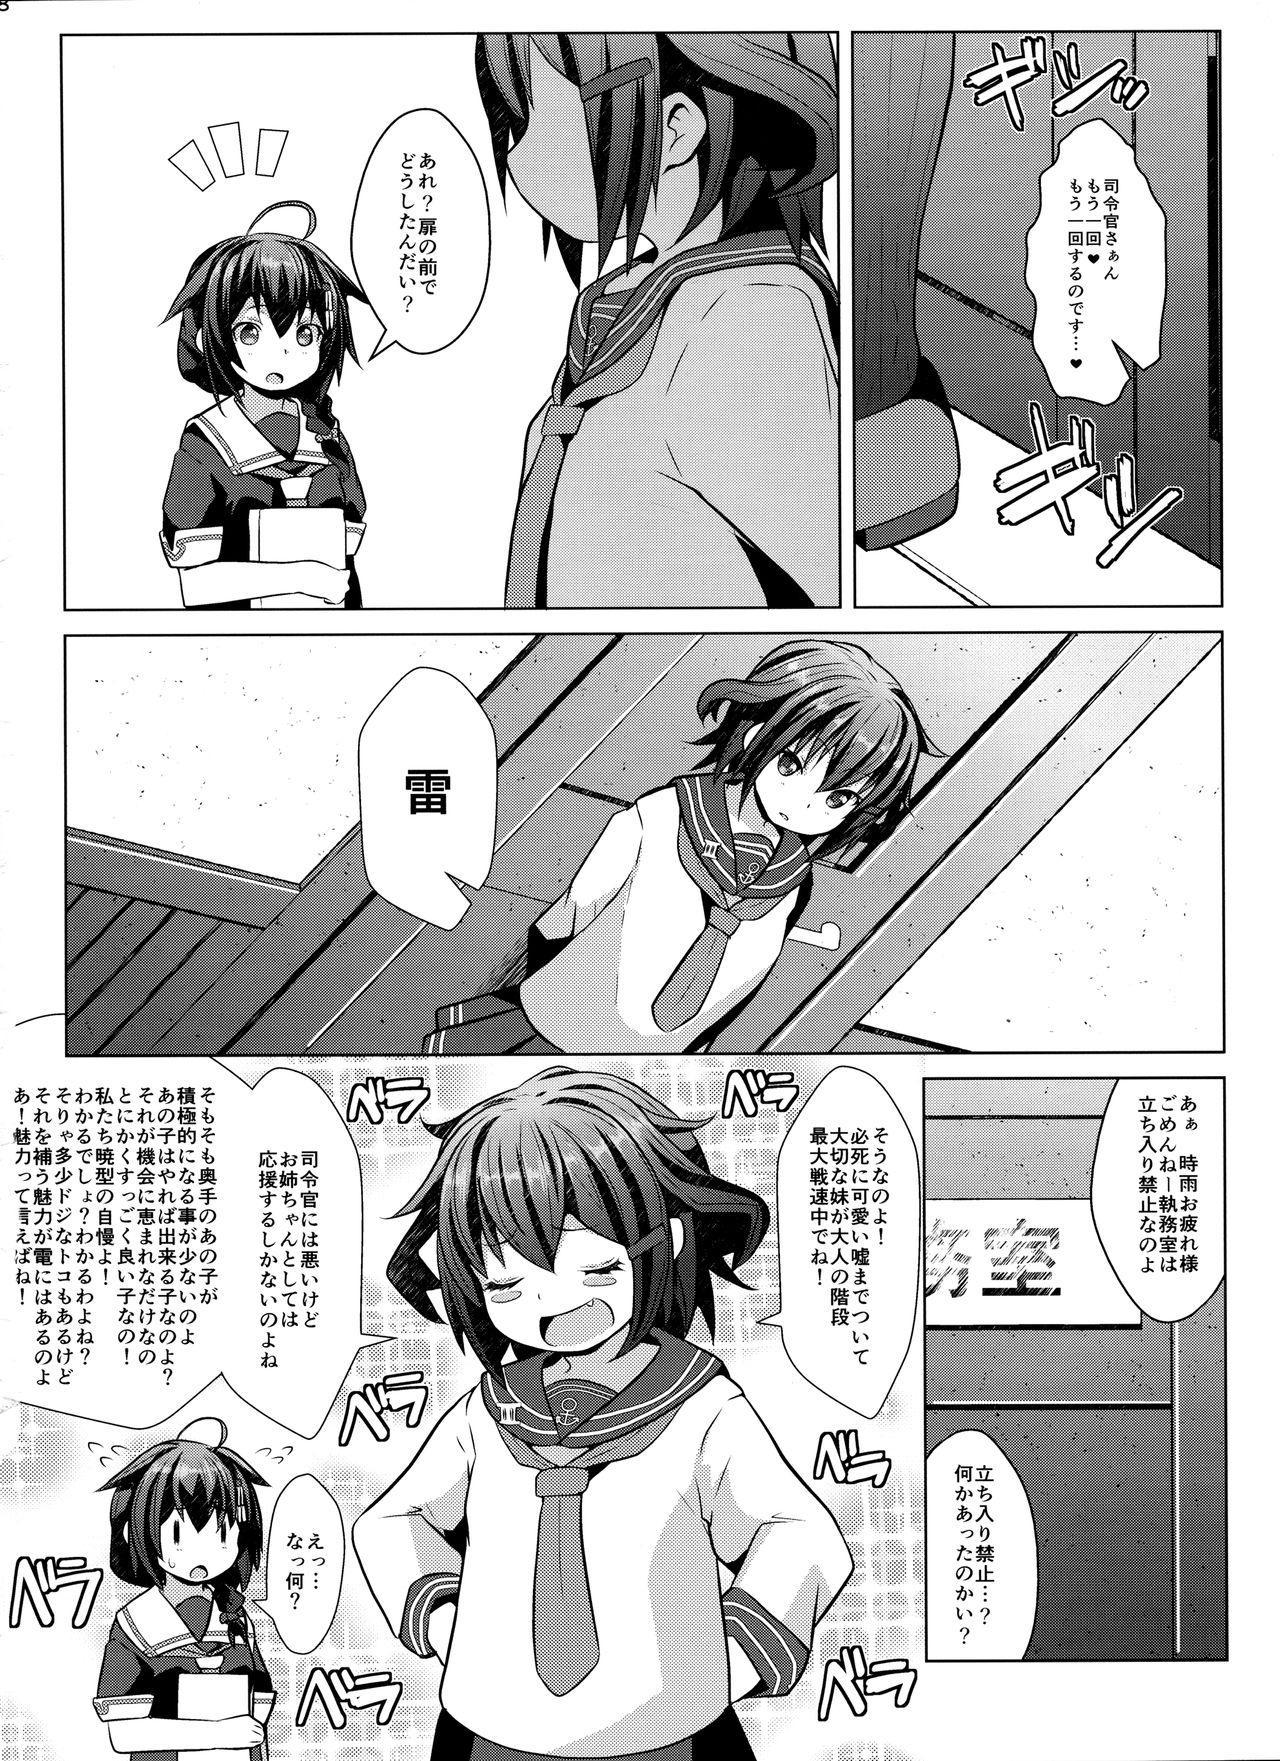 Hishokan no Tokken Ninmu nano desu 16